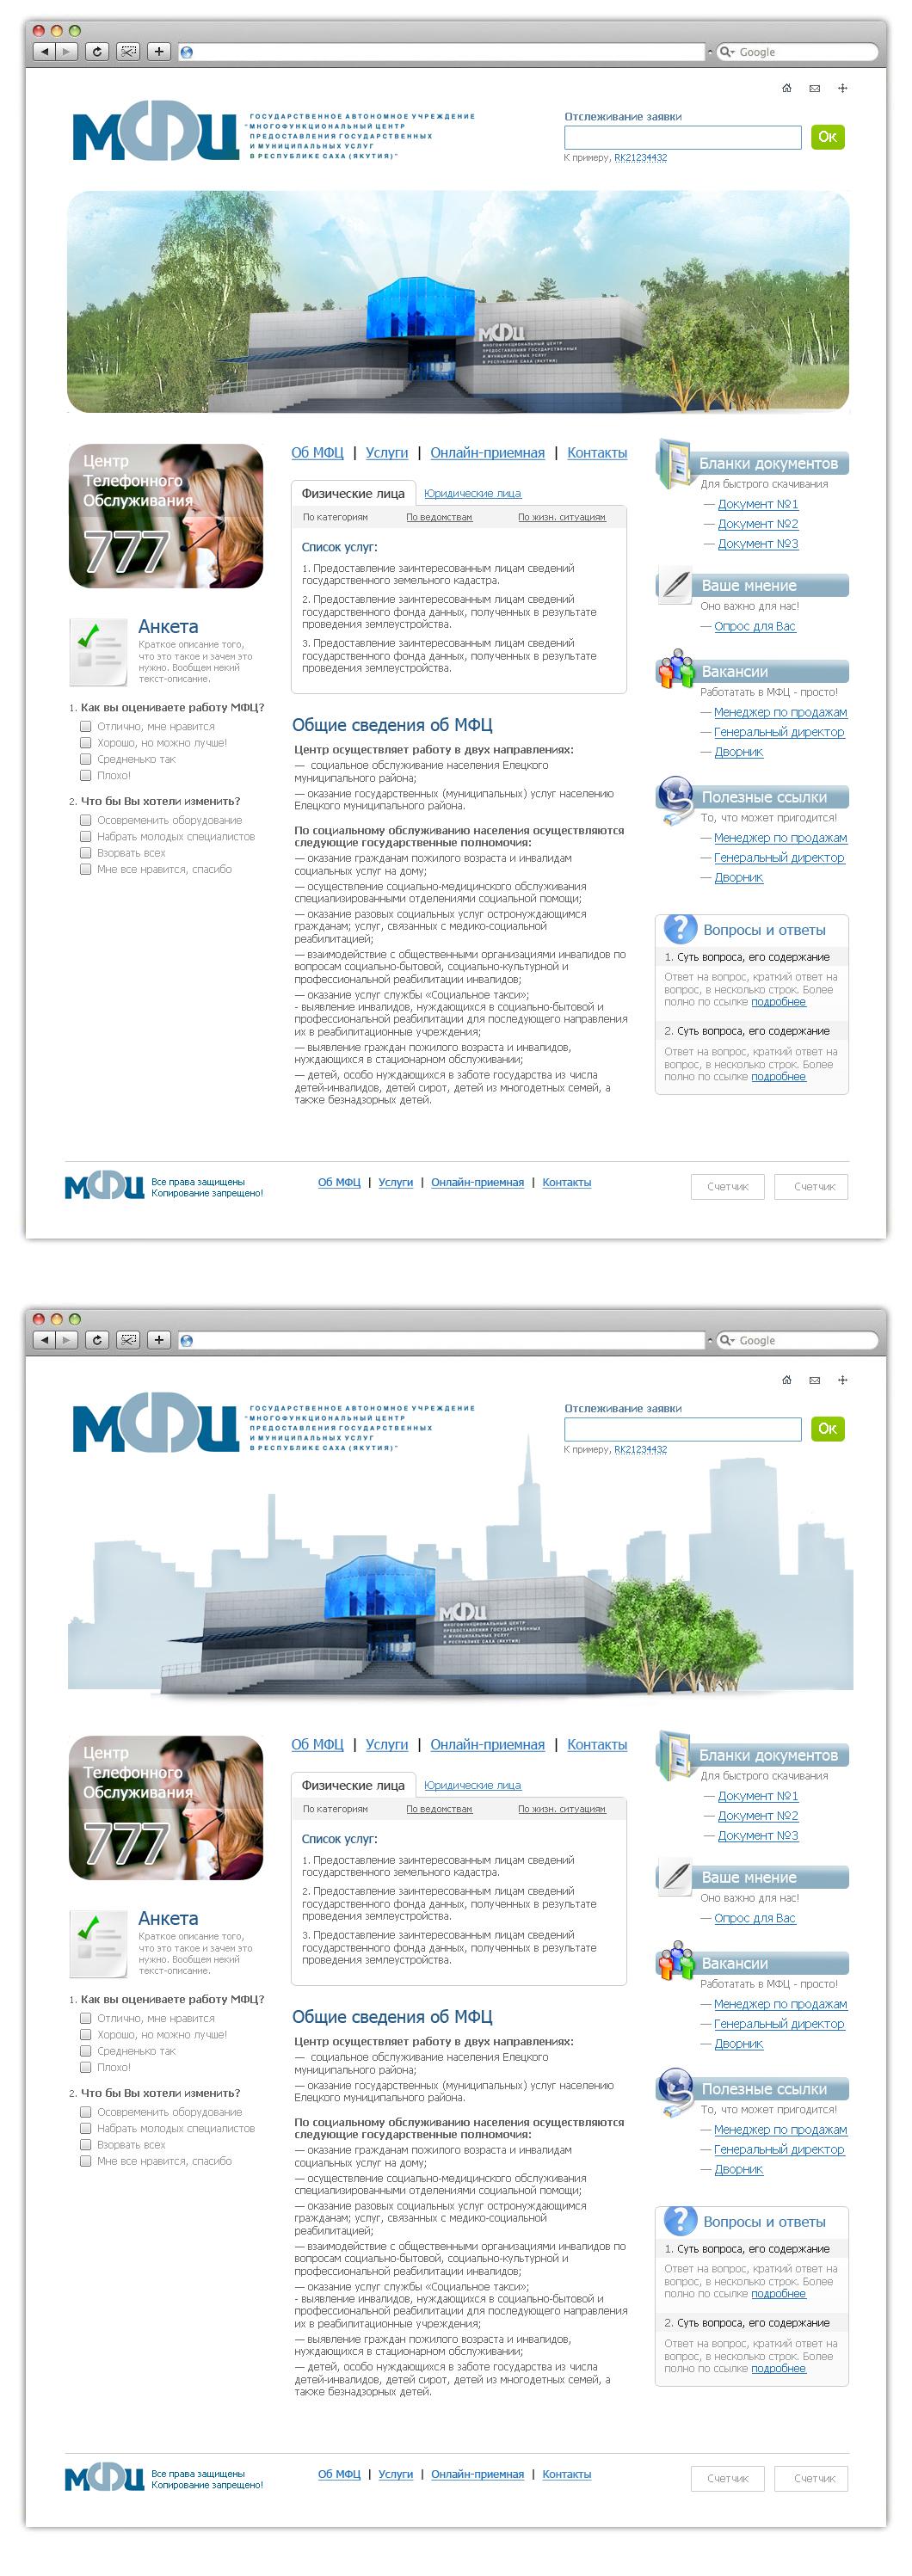 МФЦ (2 варианта) — госструктура